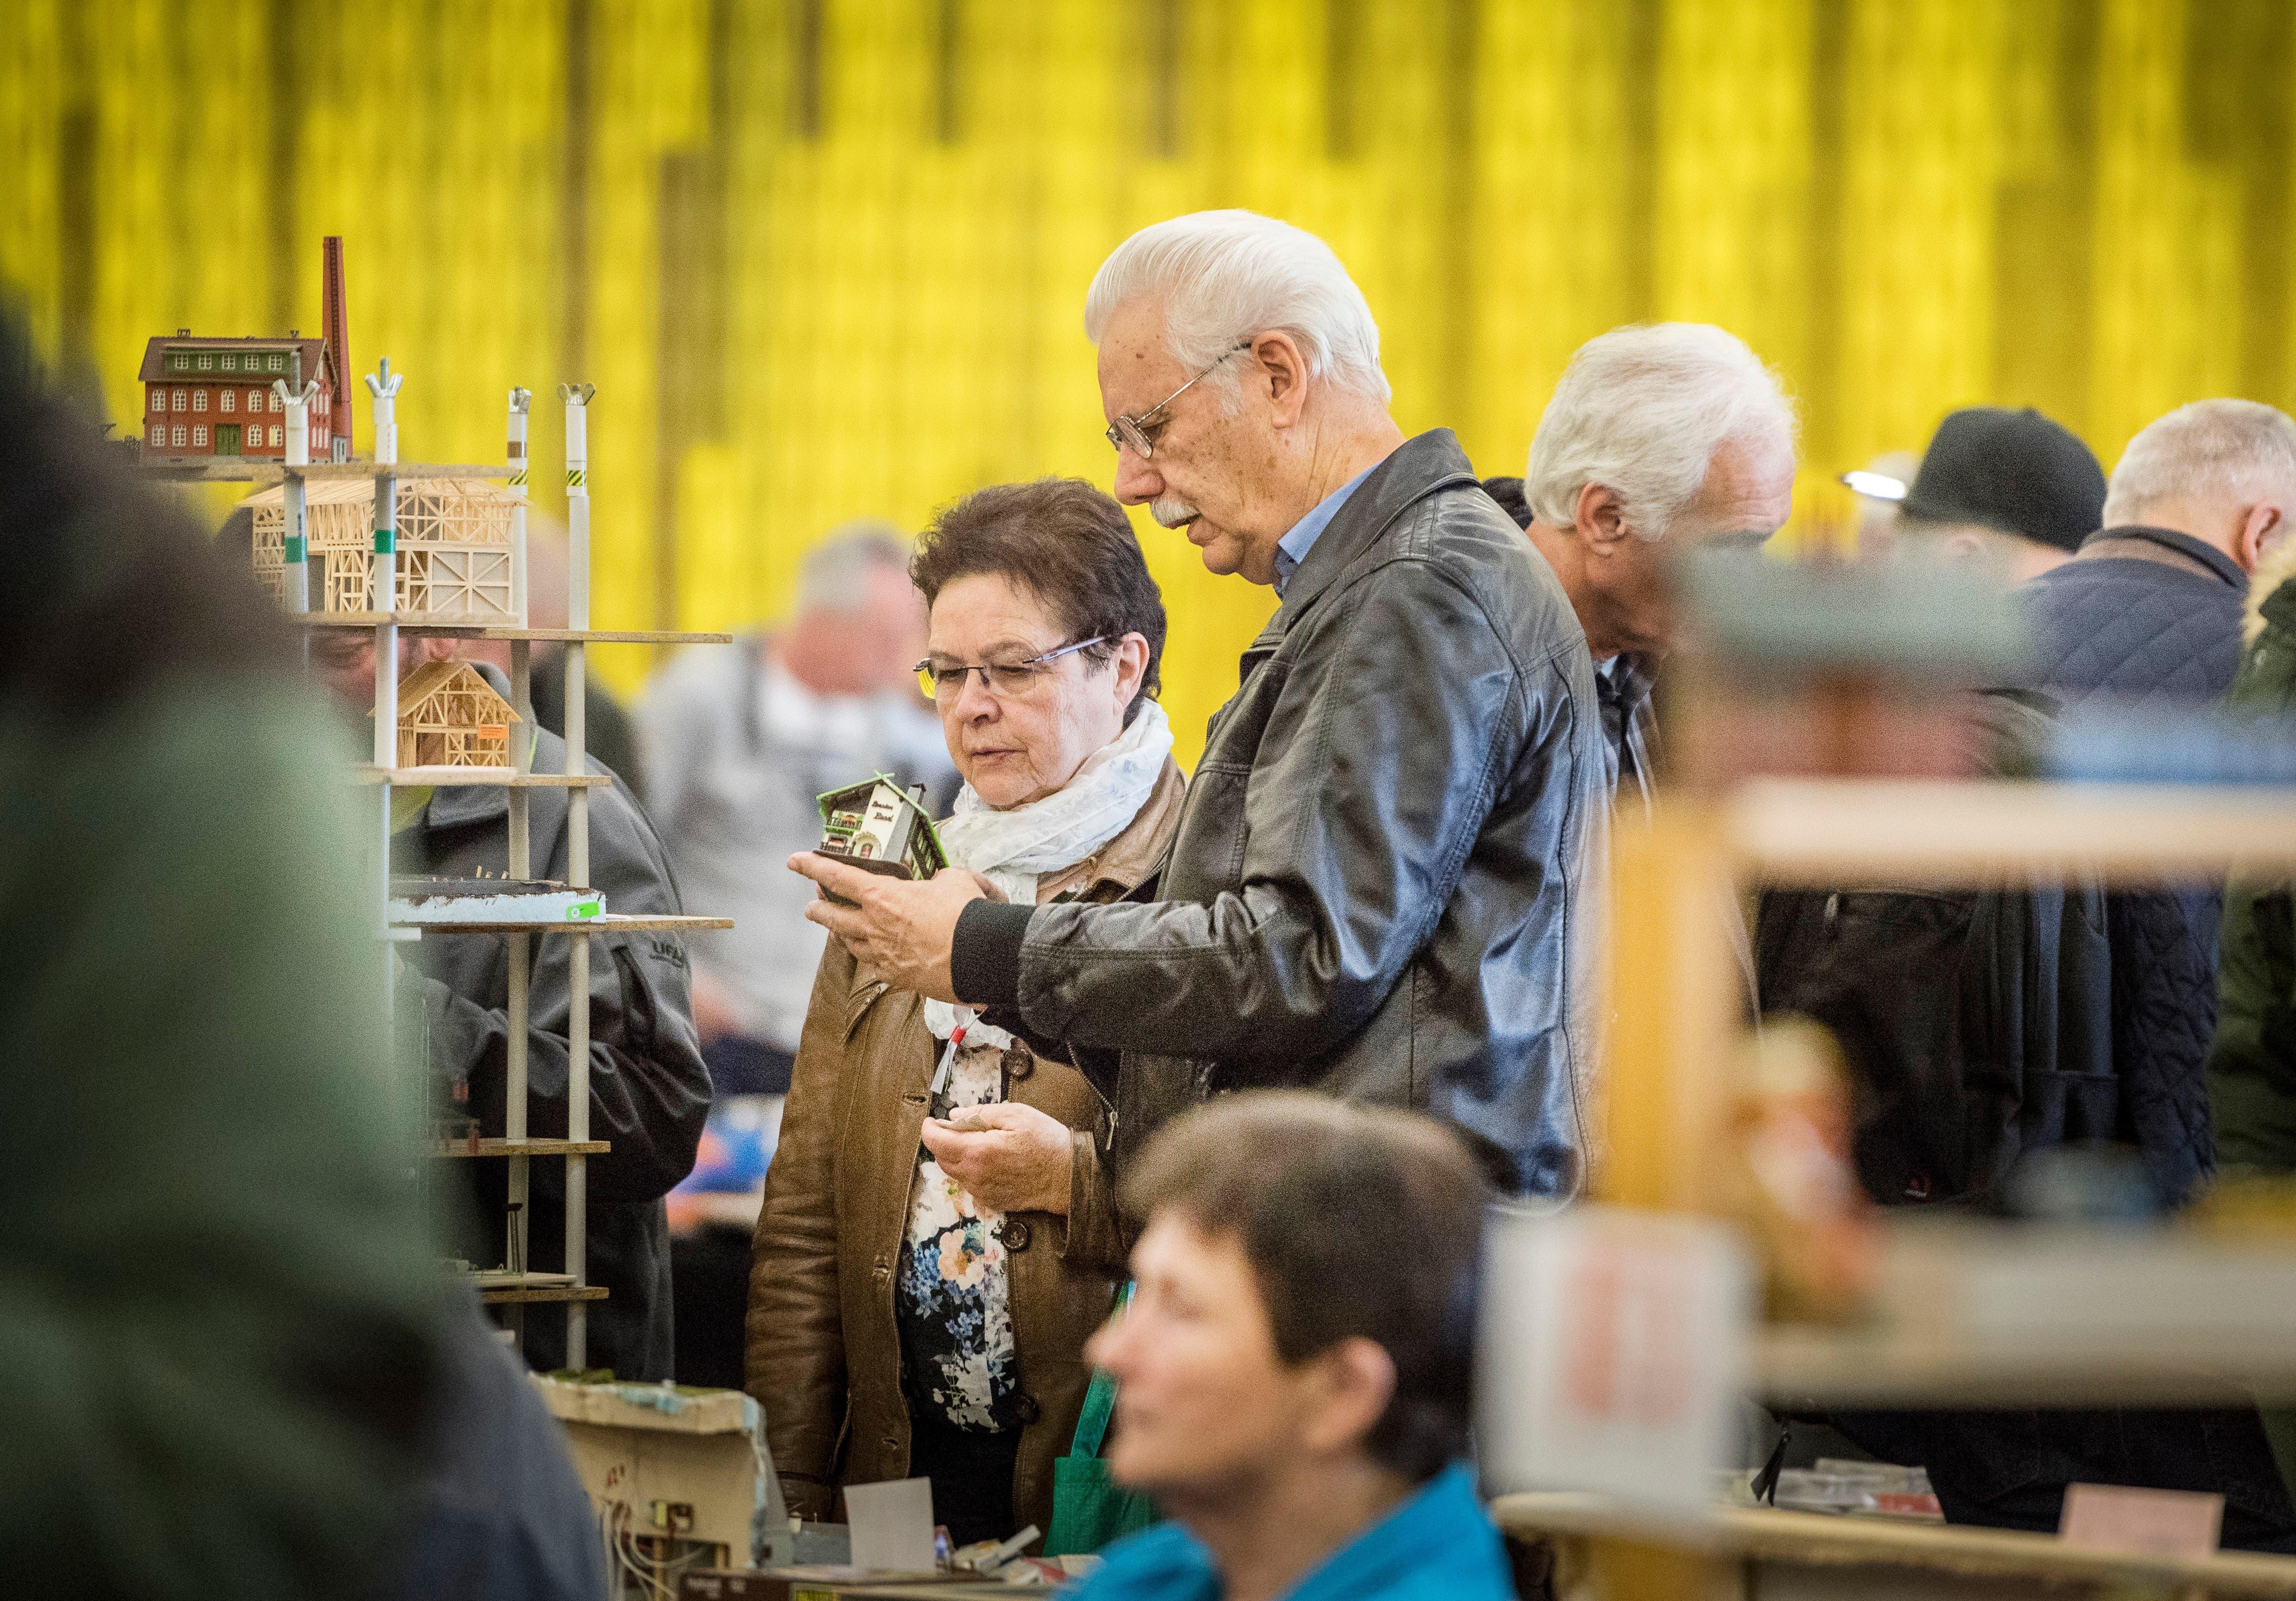 Amriswil TG - Modelleisenbahn- und Spielzeugbörse im Pentorama Amriswil. Die Messe durfte trotz Corona Virus durchgeführt werden, es sind weniger als 1000 Besucher.